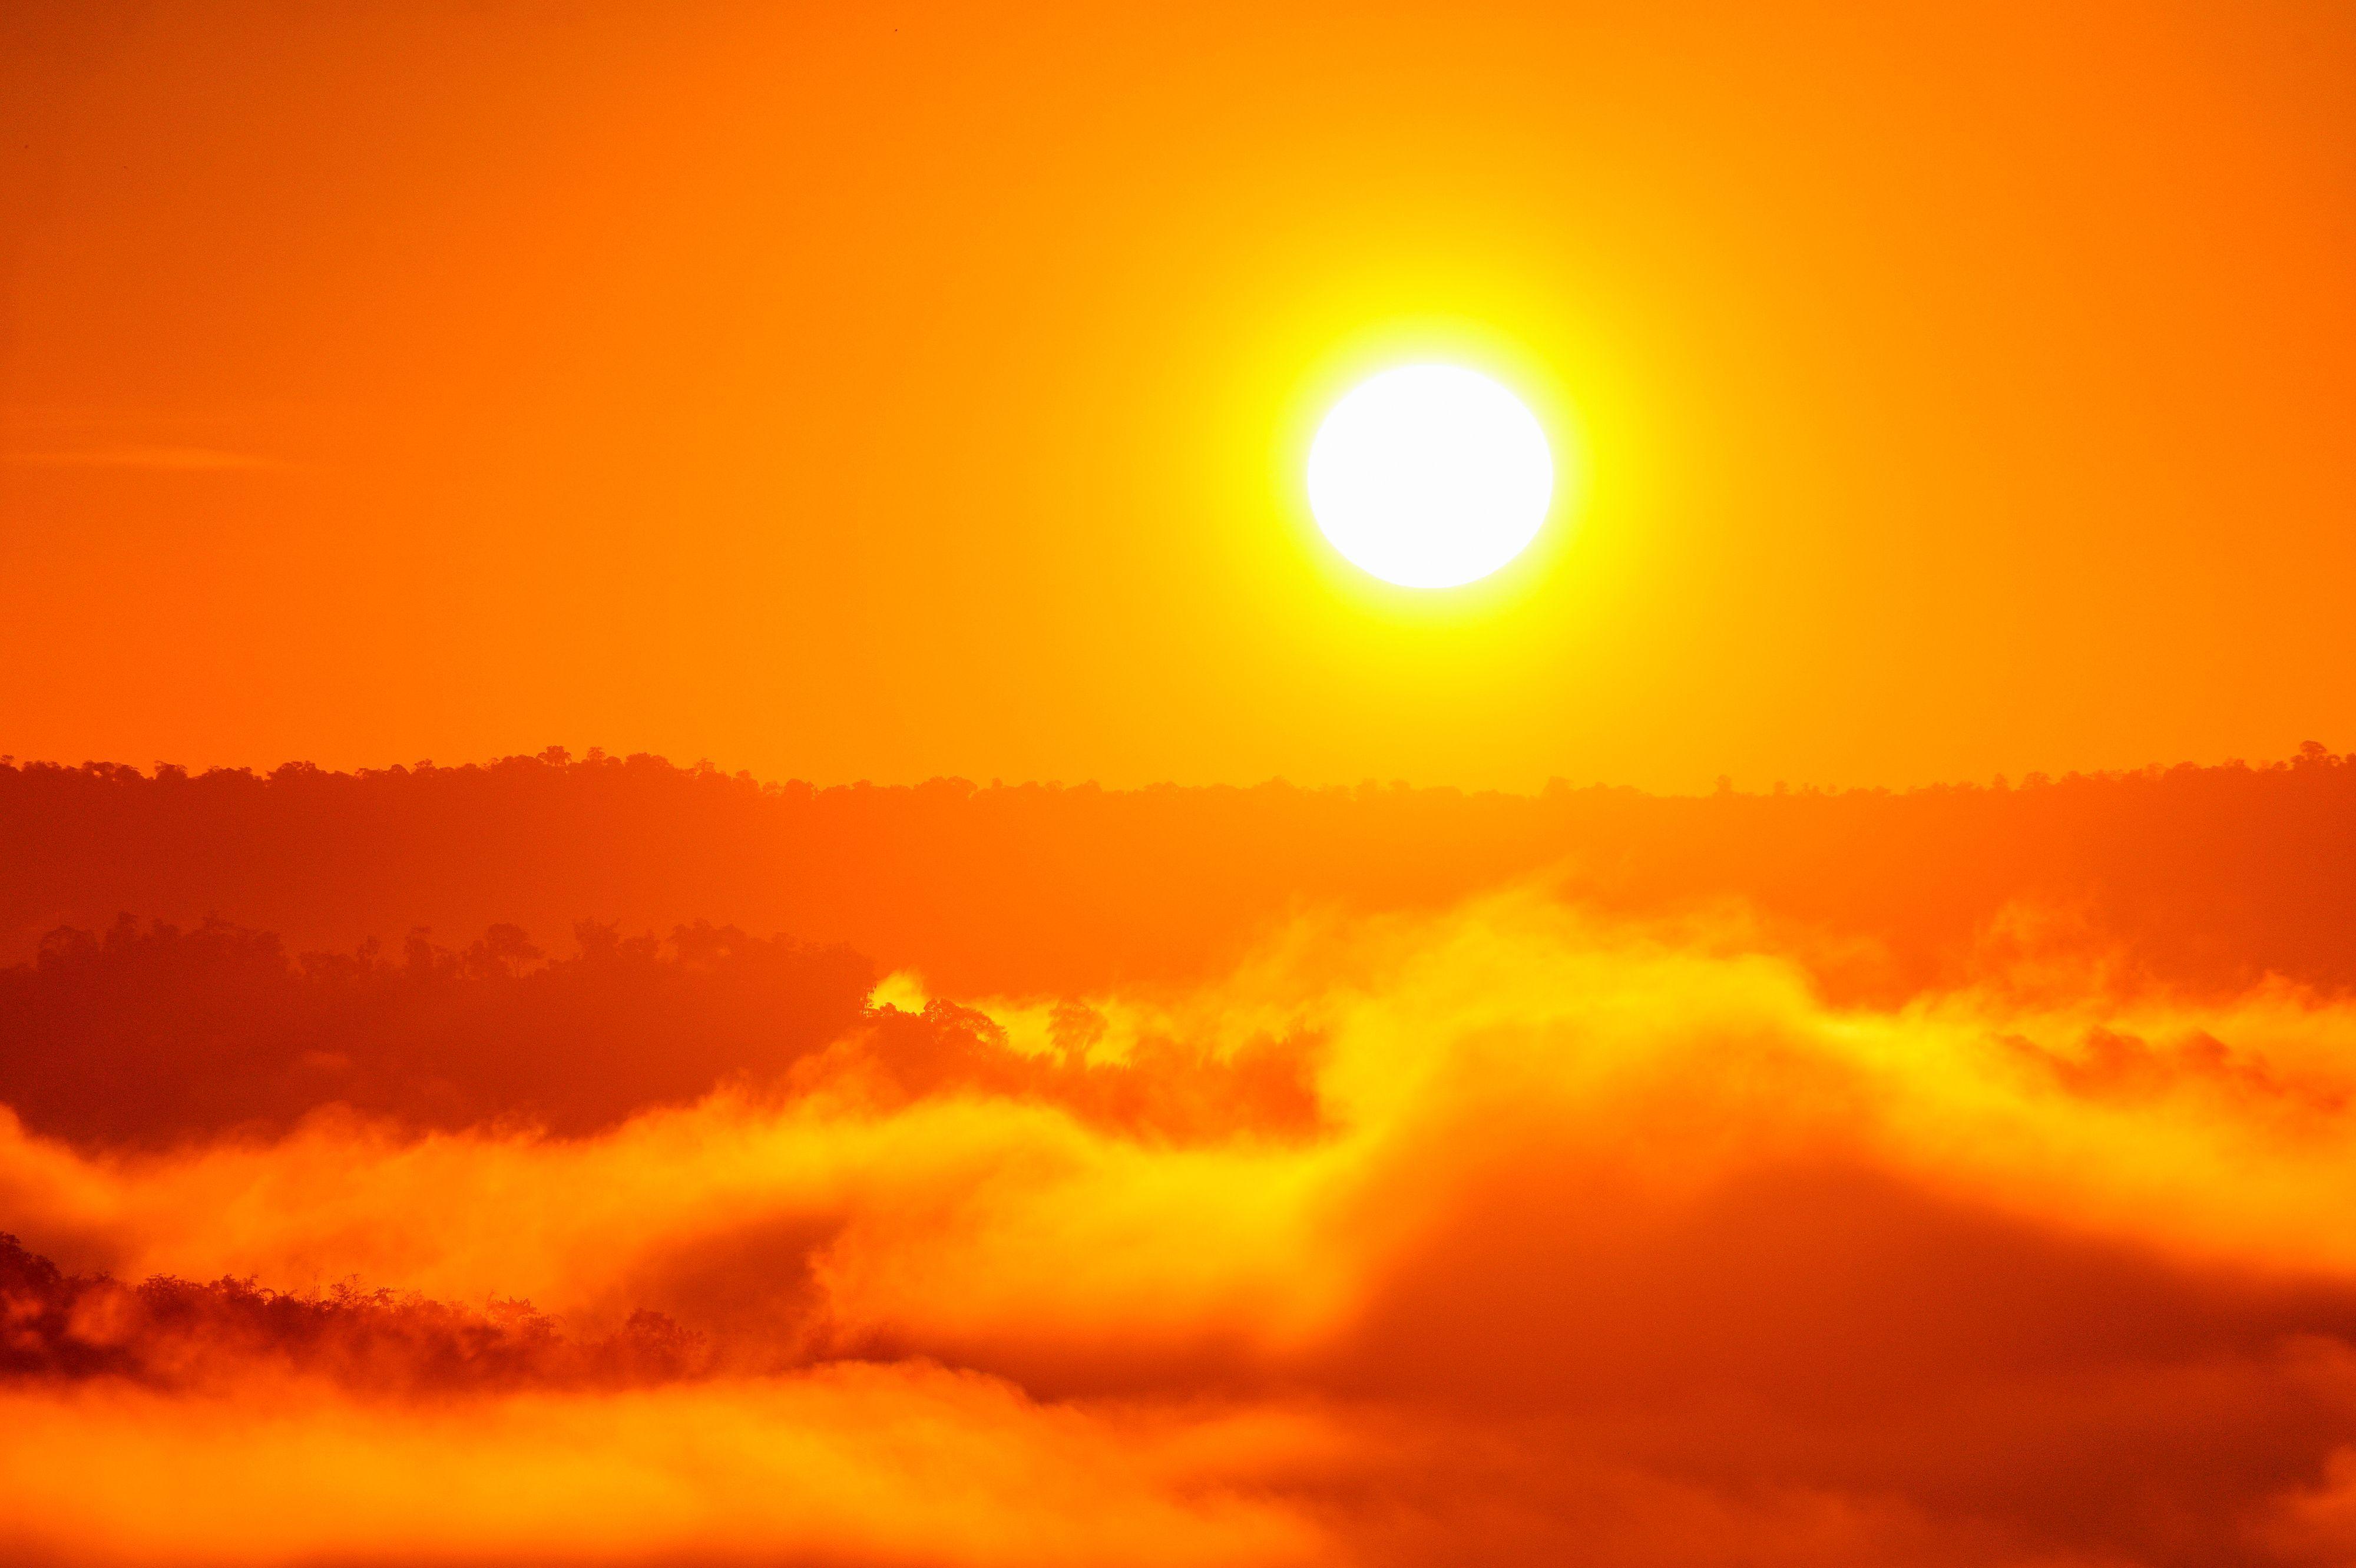 Lo que faltaba este caótico año: científicos advierten que el sol bajó su intensidad, amenazando con frío y hambrunas